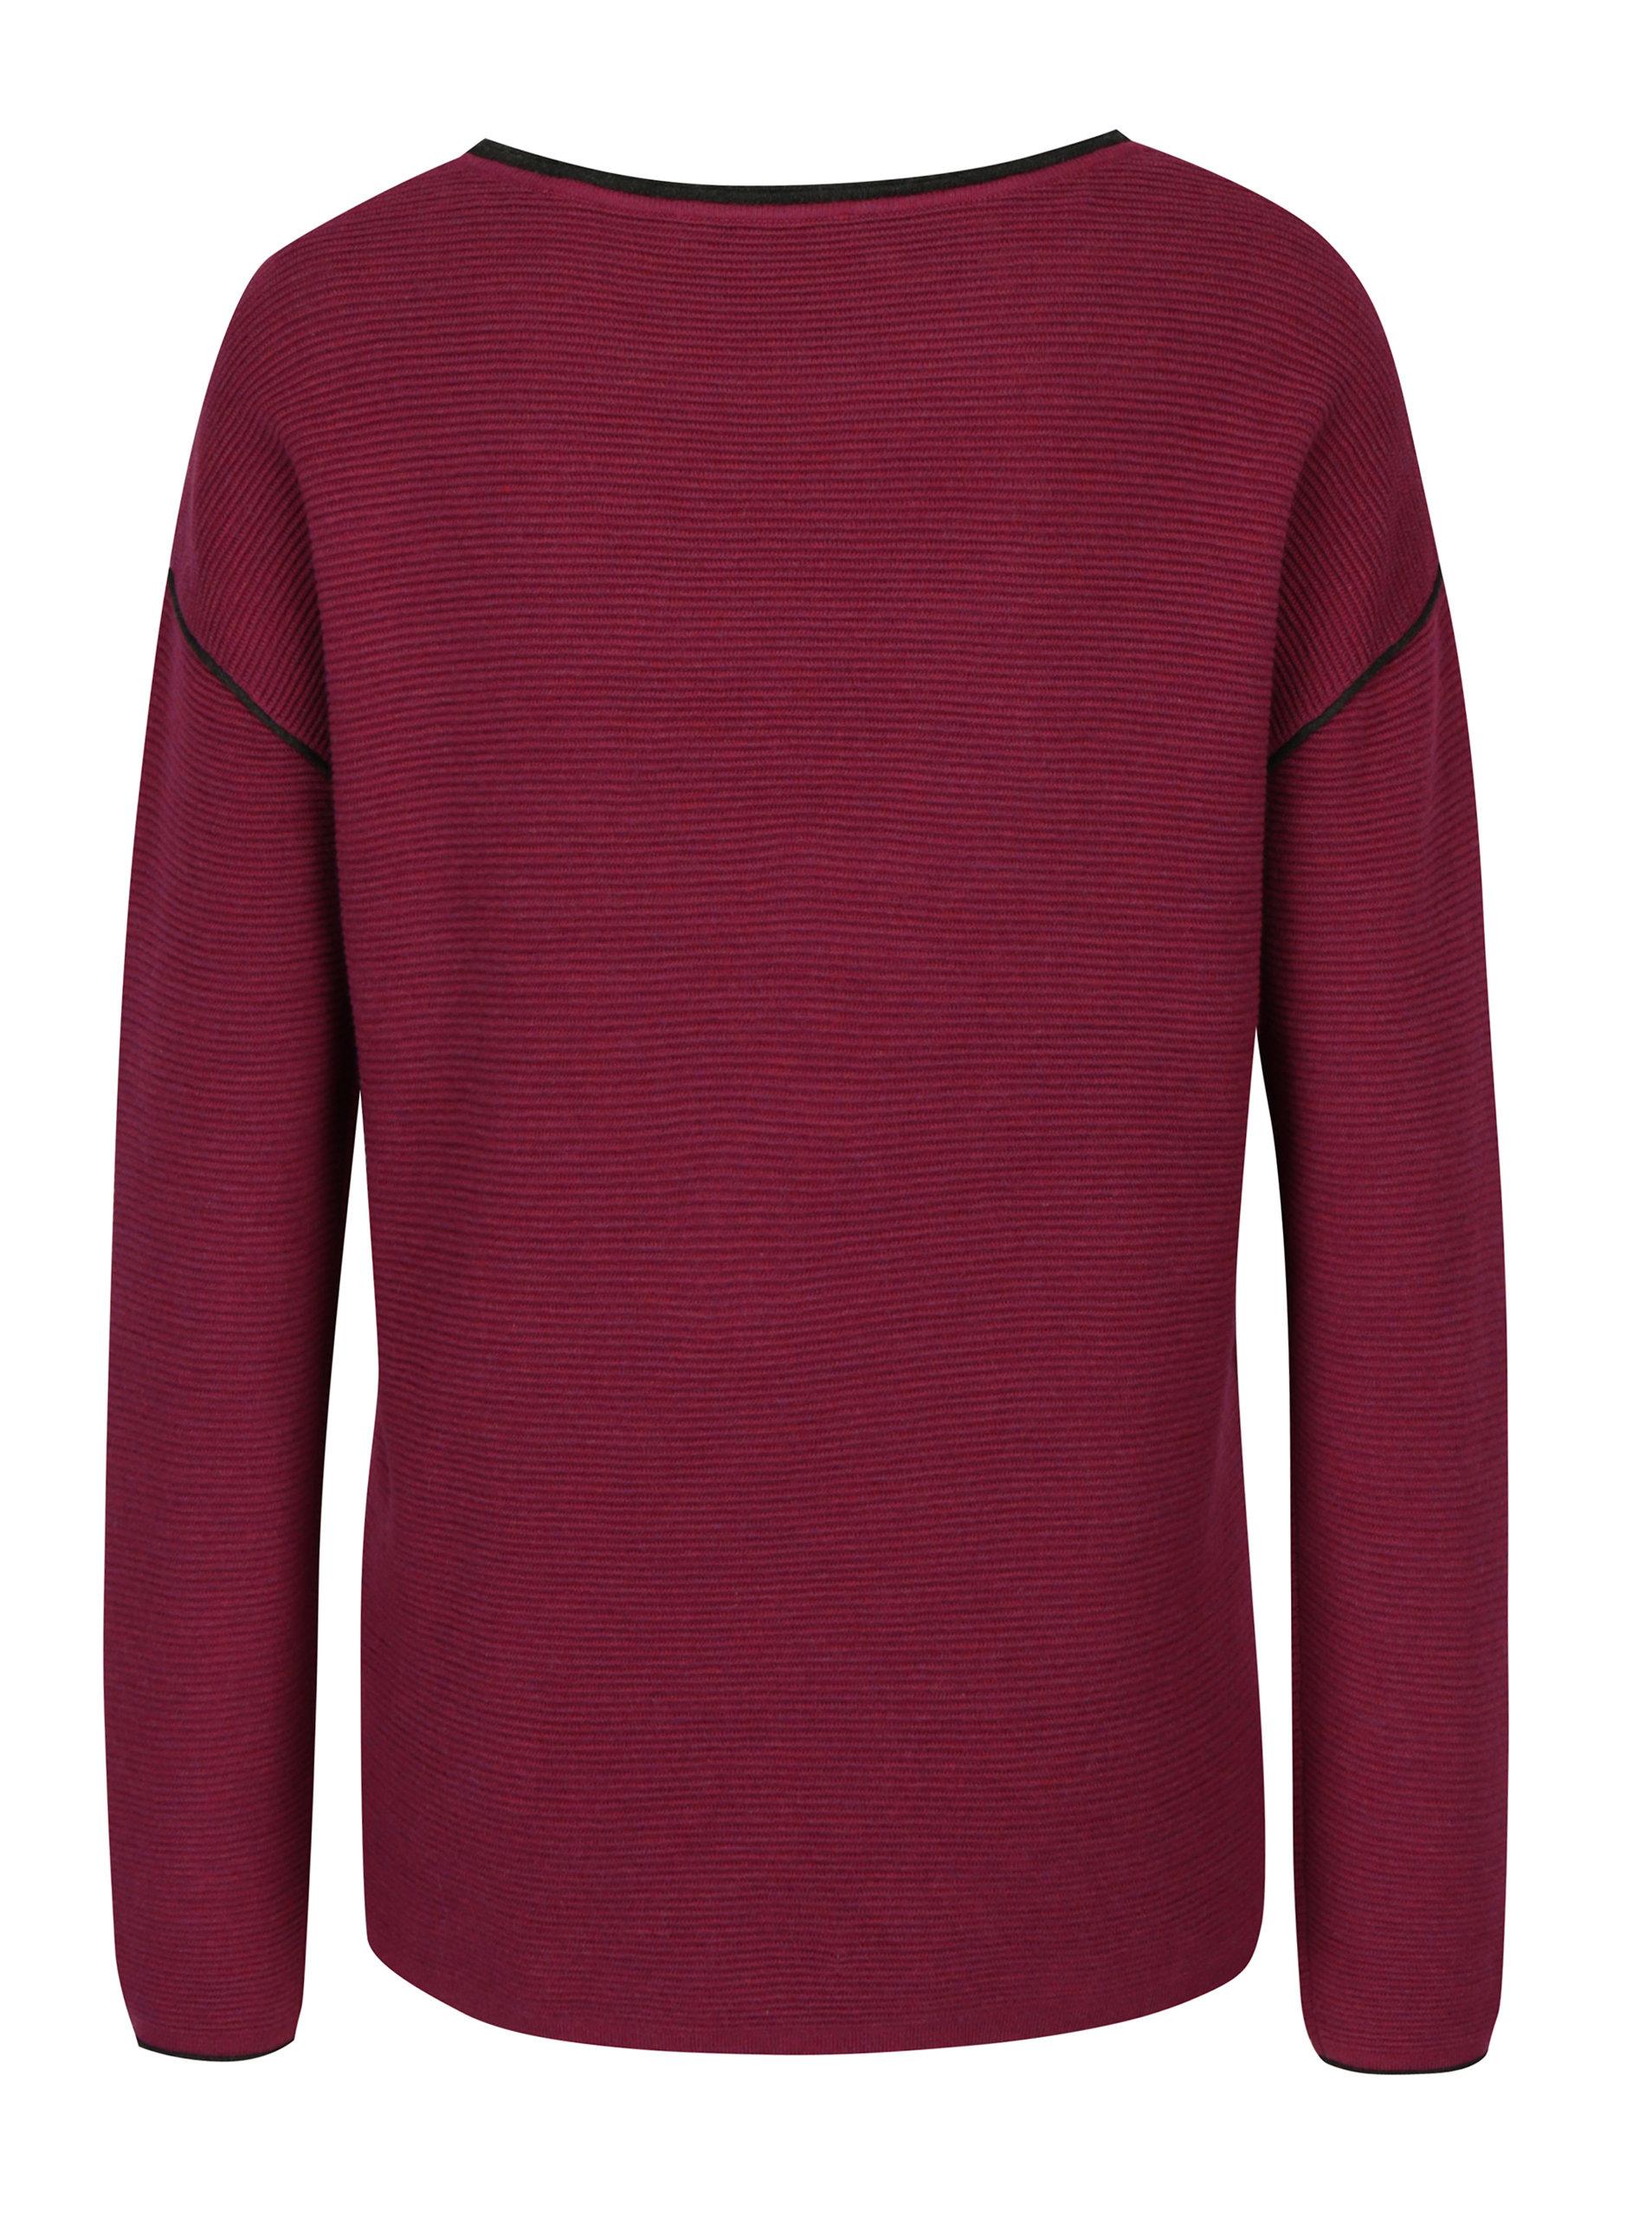 3fc71adcab5c Fialový dámsky rebrovaný sveter s.Oliver